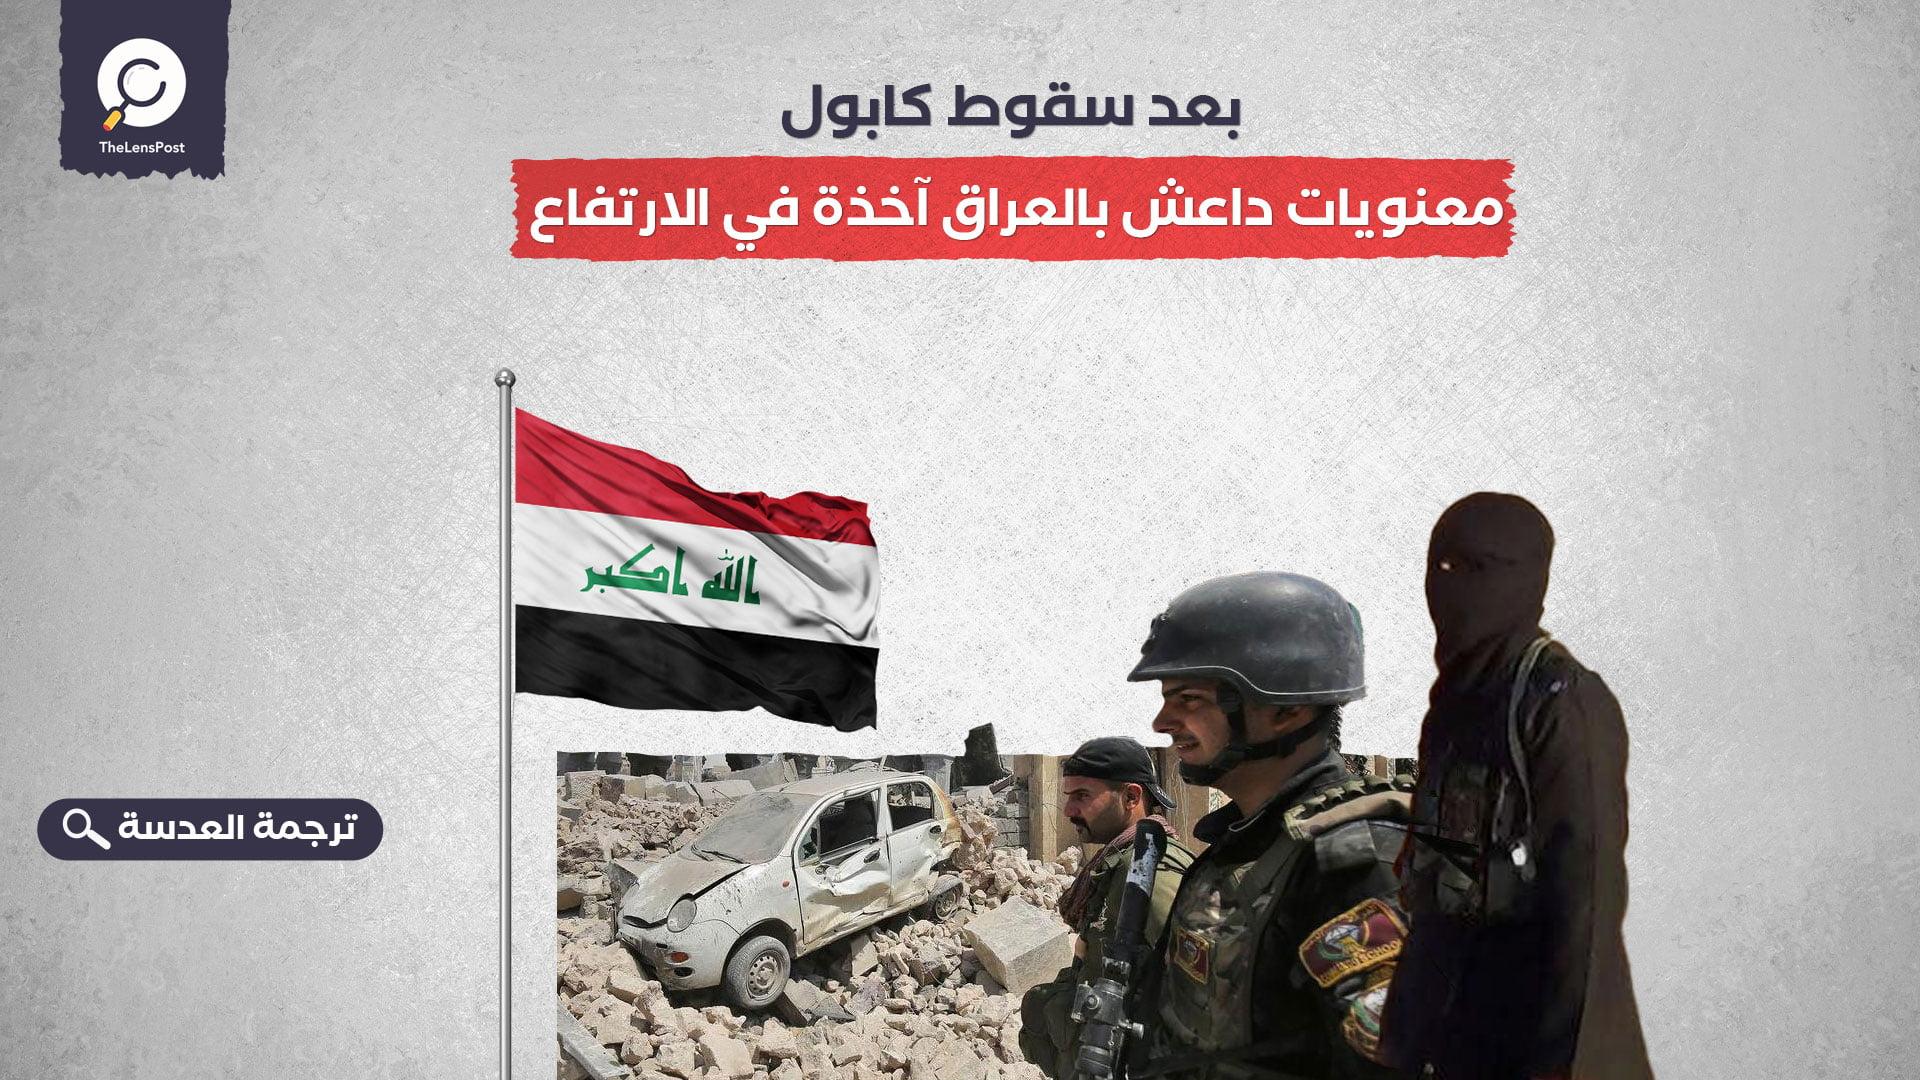 بعد سقوط كابول.. معنويات داعش بالعراق آخذة في الارتفاع